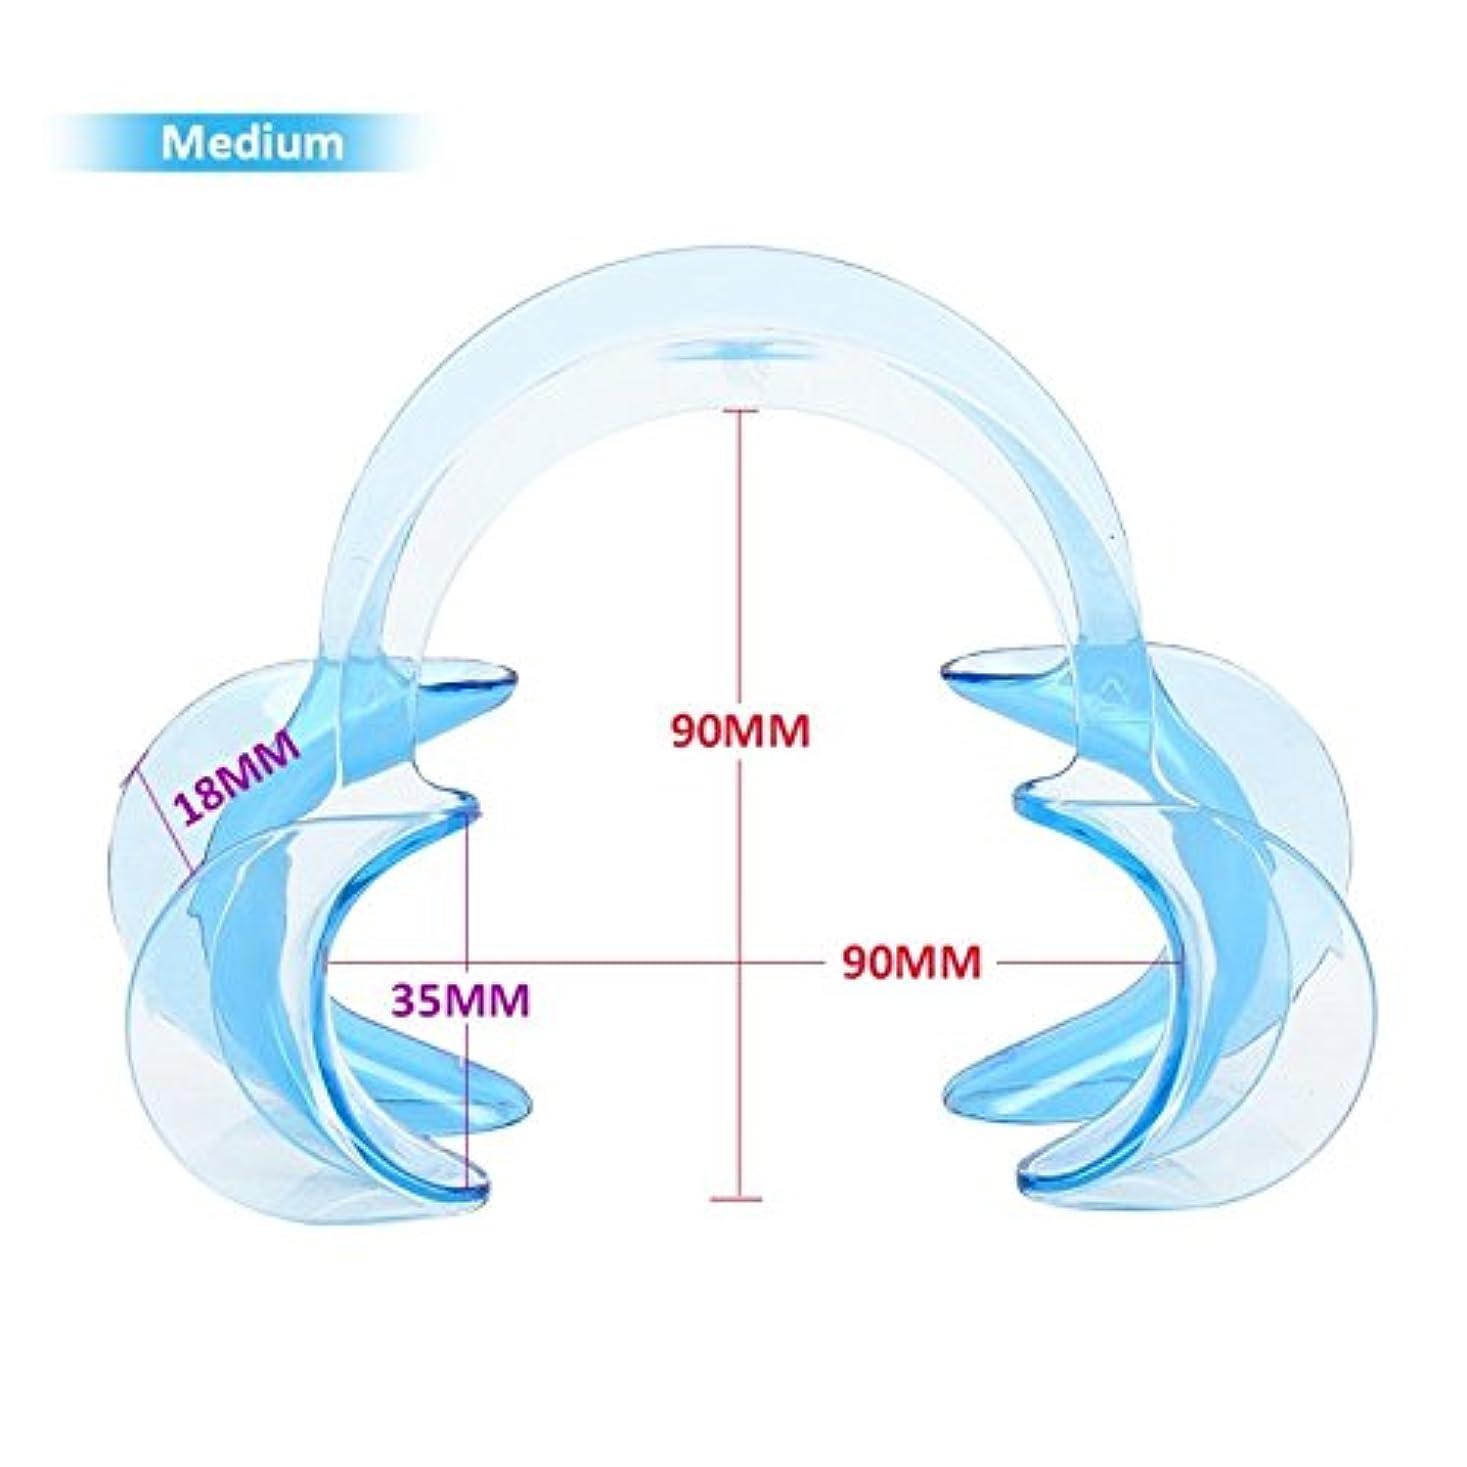 共感する先に十分ではない3サイズC形状歯科口腔内頬リトラクター唇口オープナー歯ホワイトニング10個,Blue,M